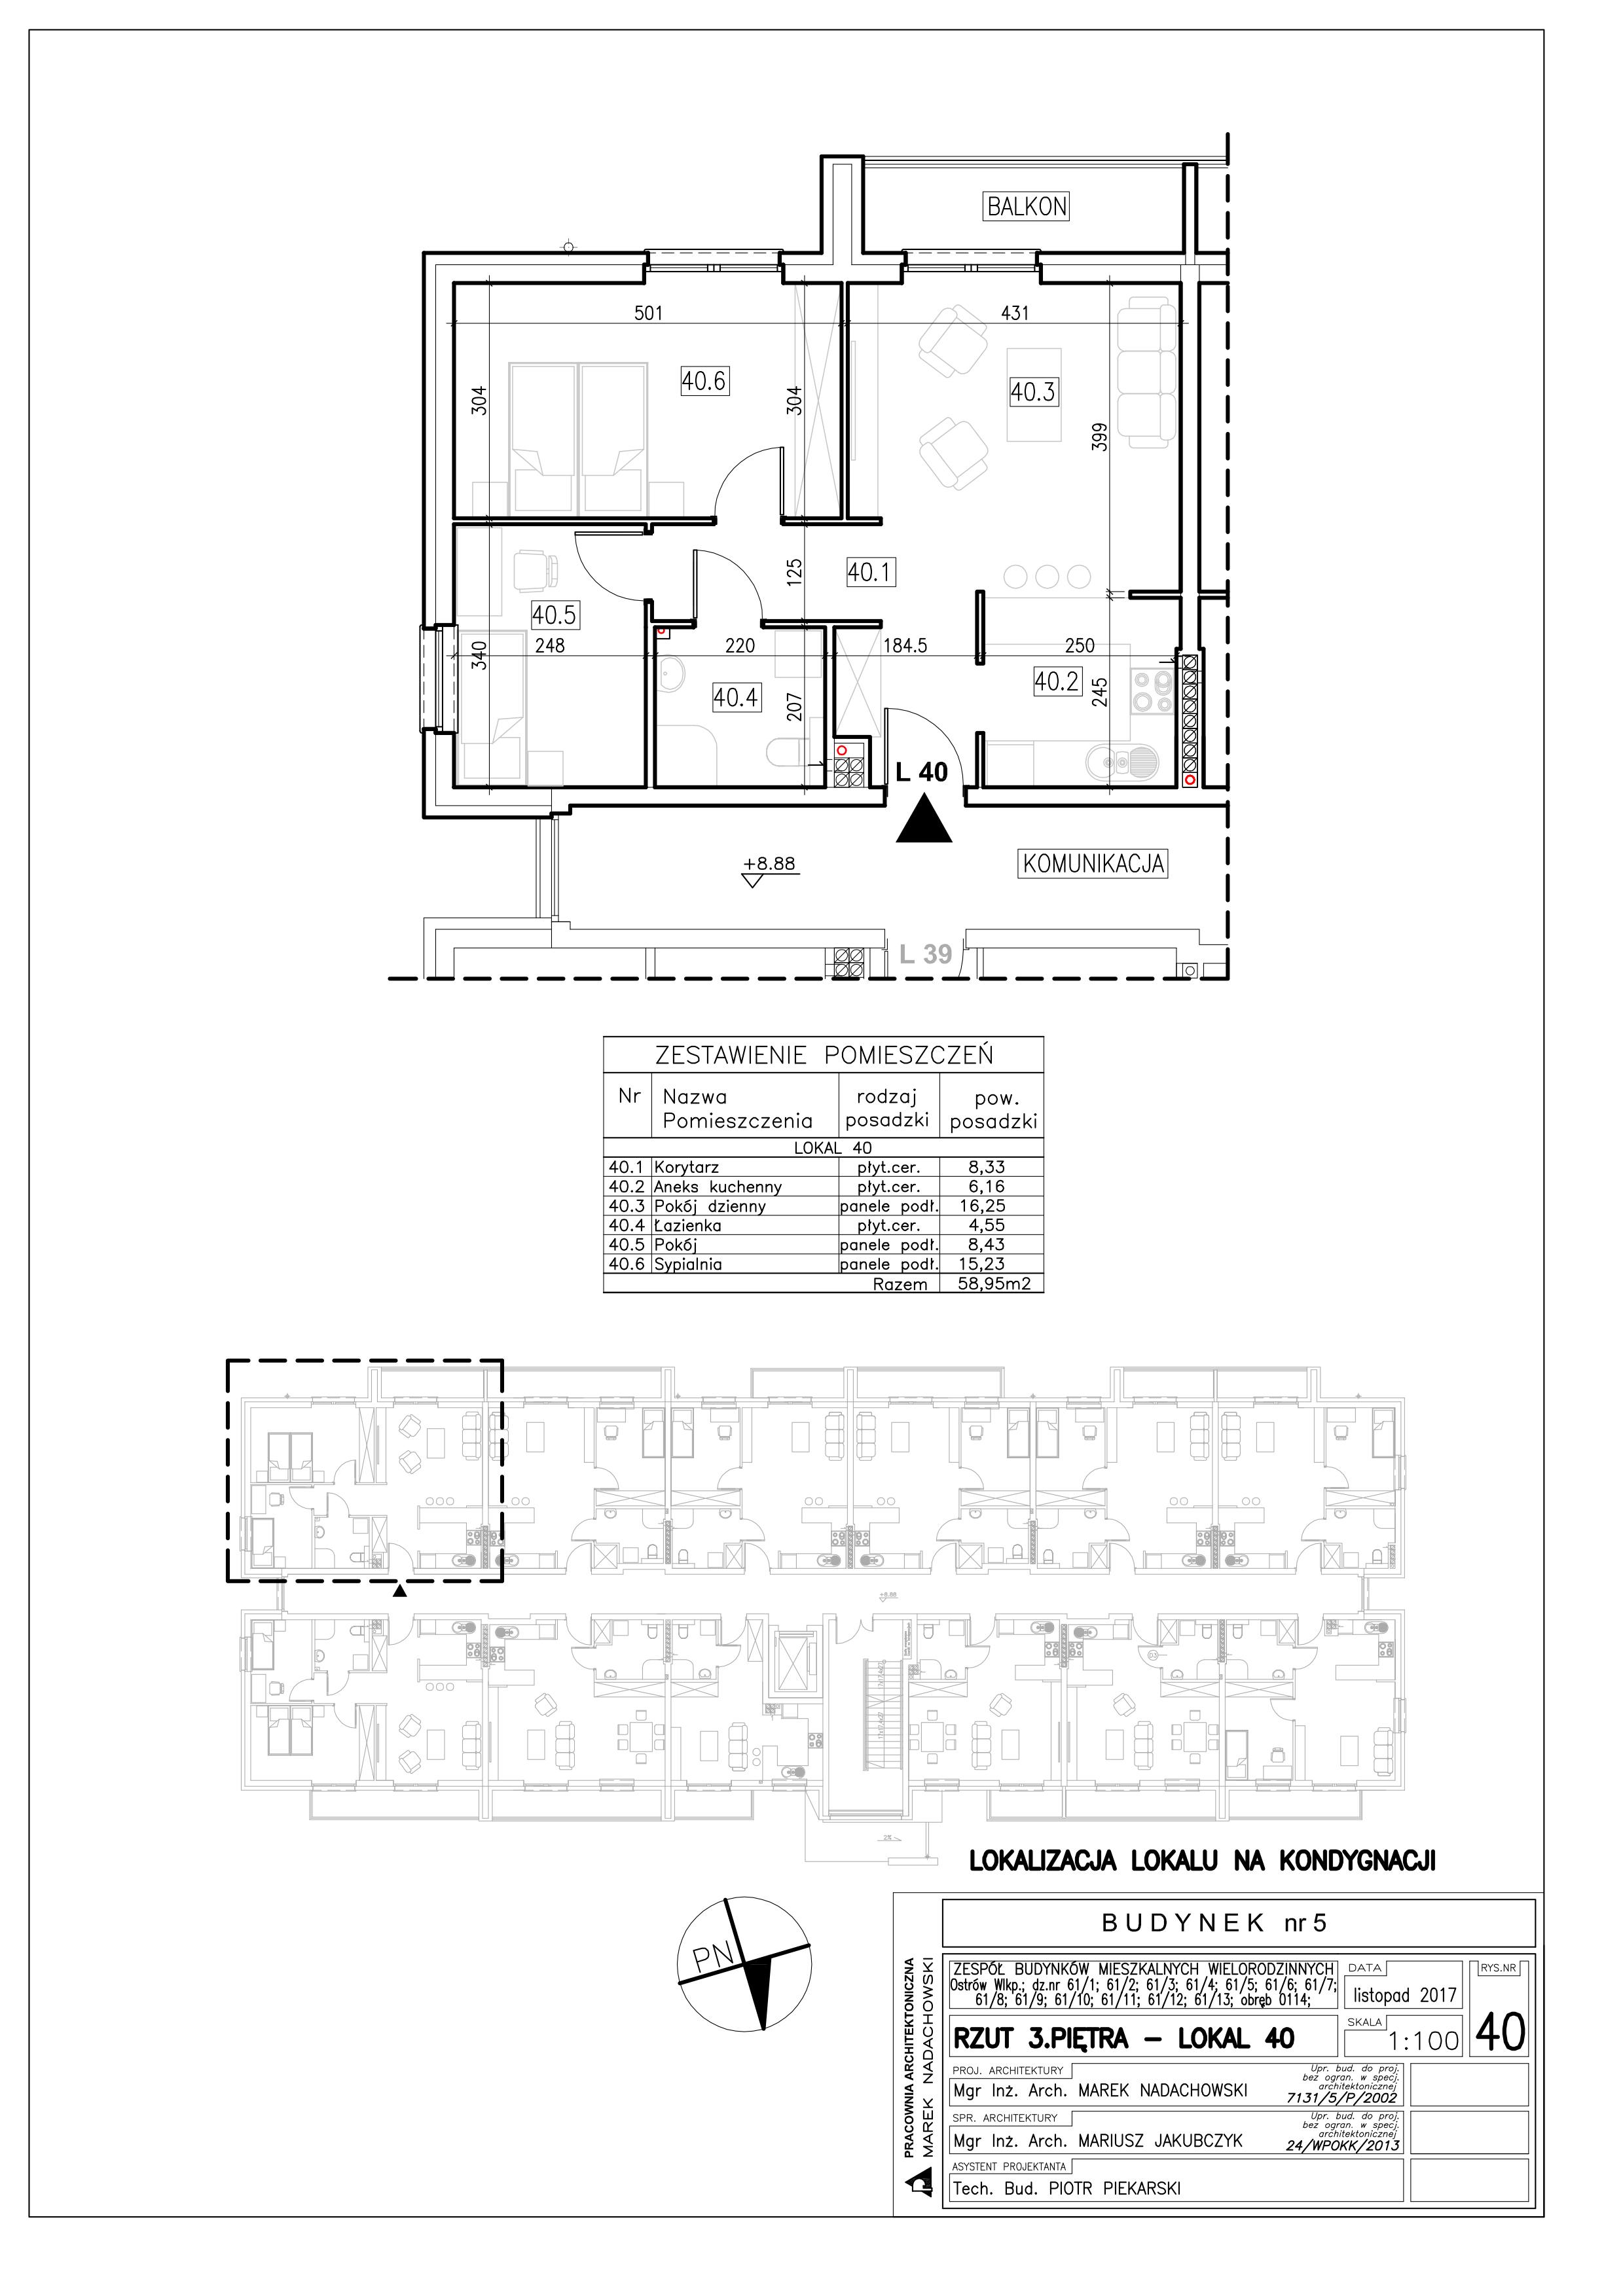 Lokal nr 40 Powierzchnia: 58,95 m2